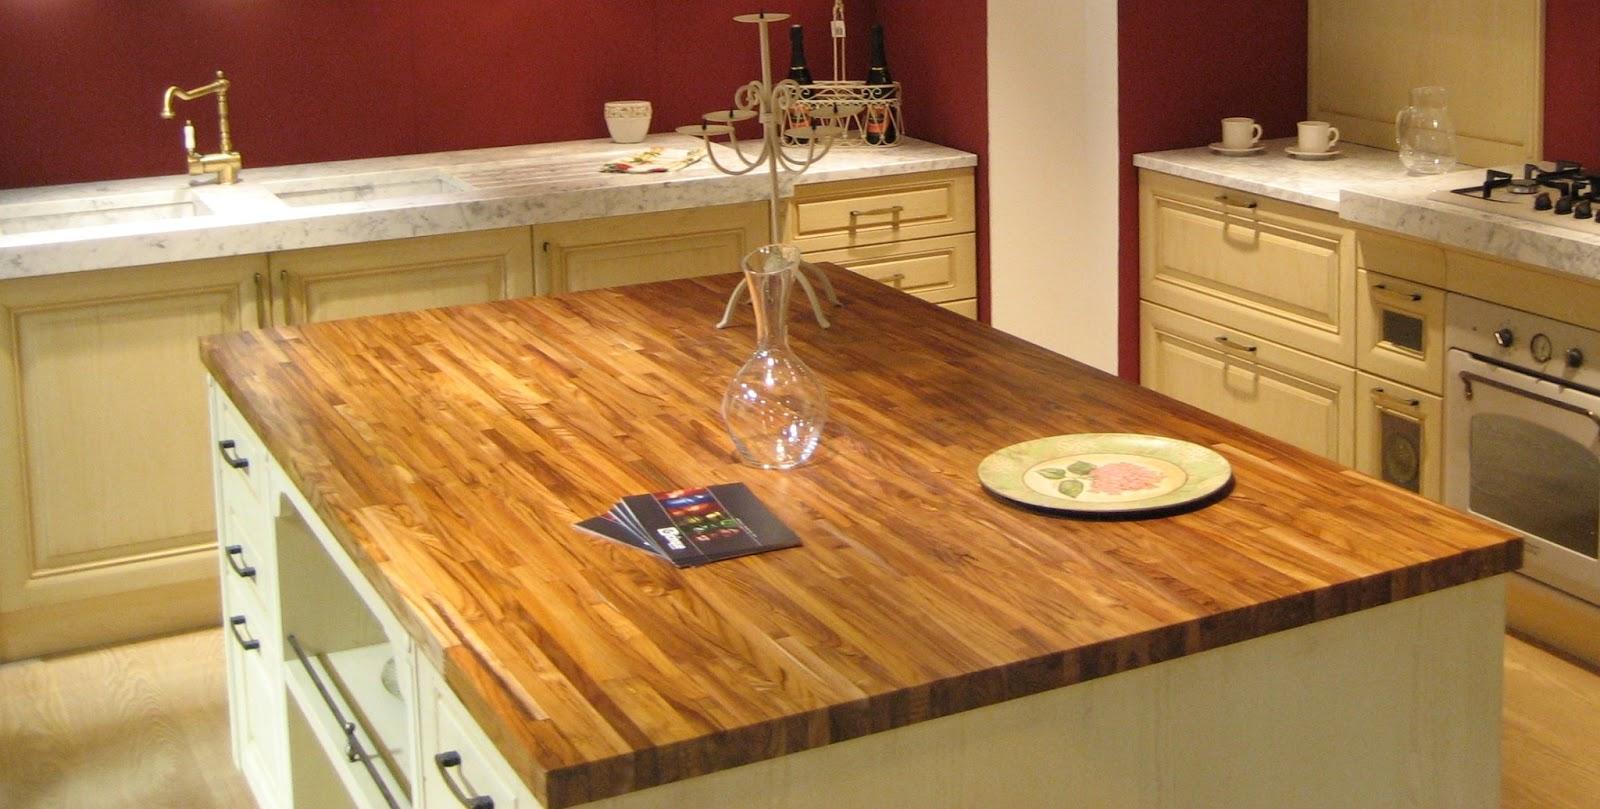 Encimeras de cocina c mo usar y conservar cocinas con - Encimera de madera maciza ...